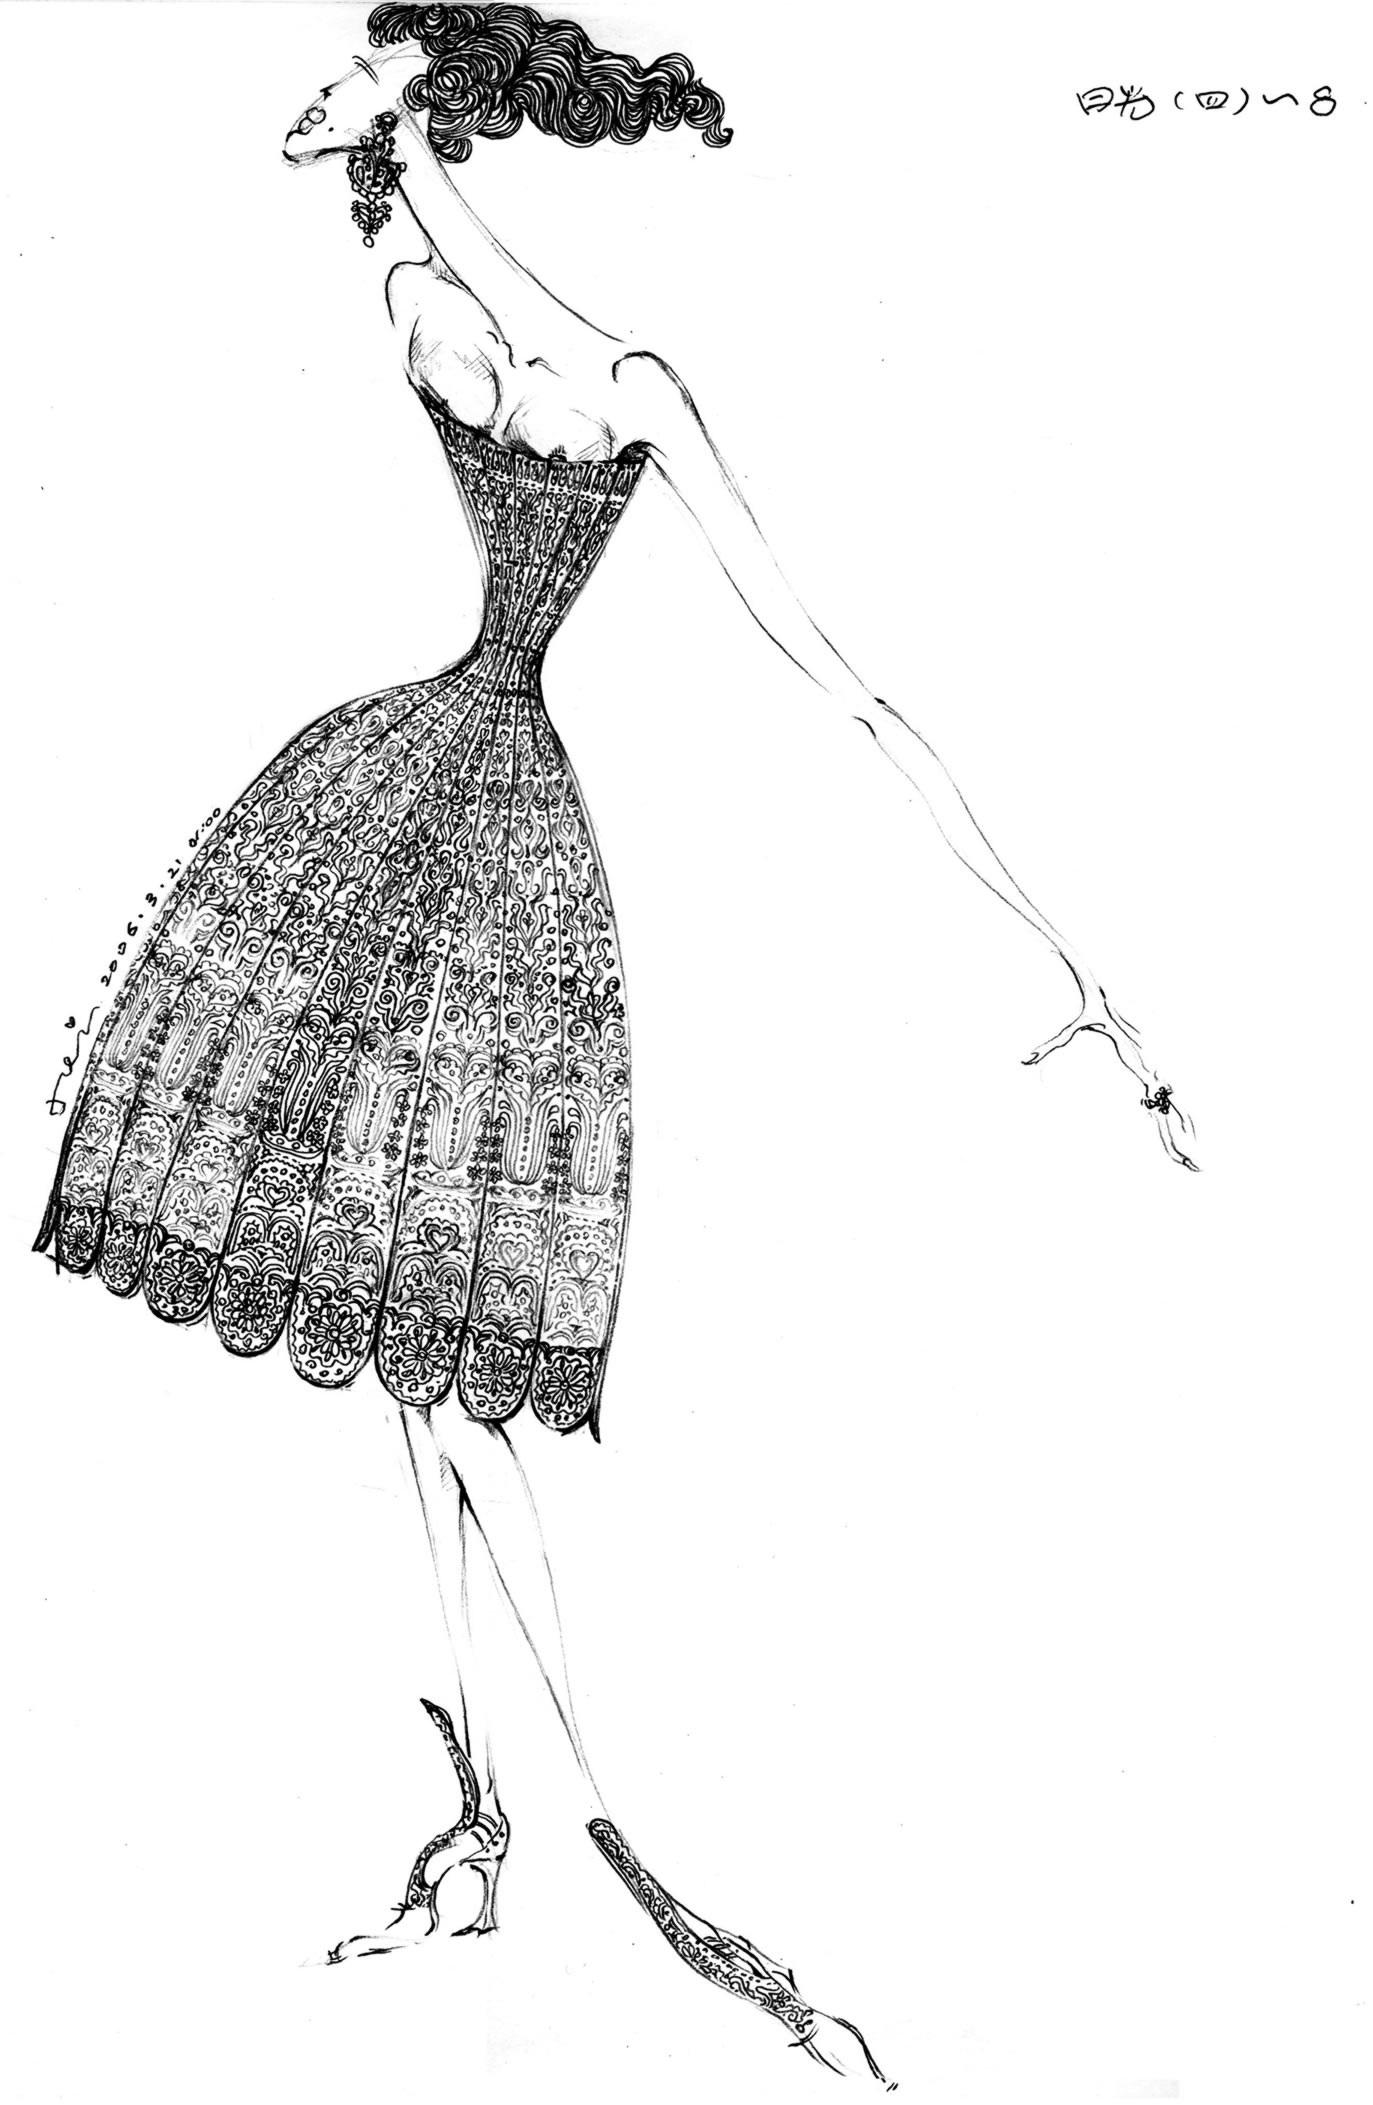 Guo Pei X Sotheby's Sketch, 'Xiao Jin'